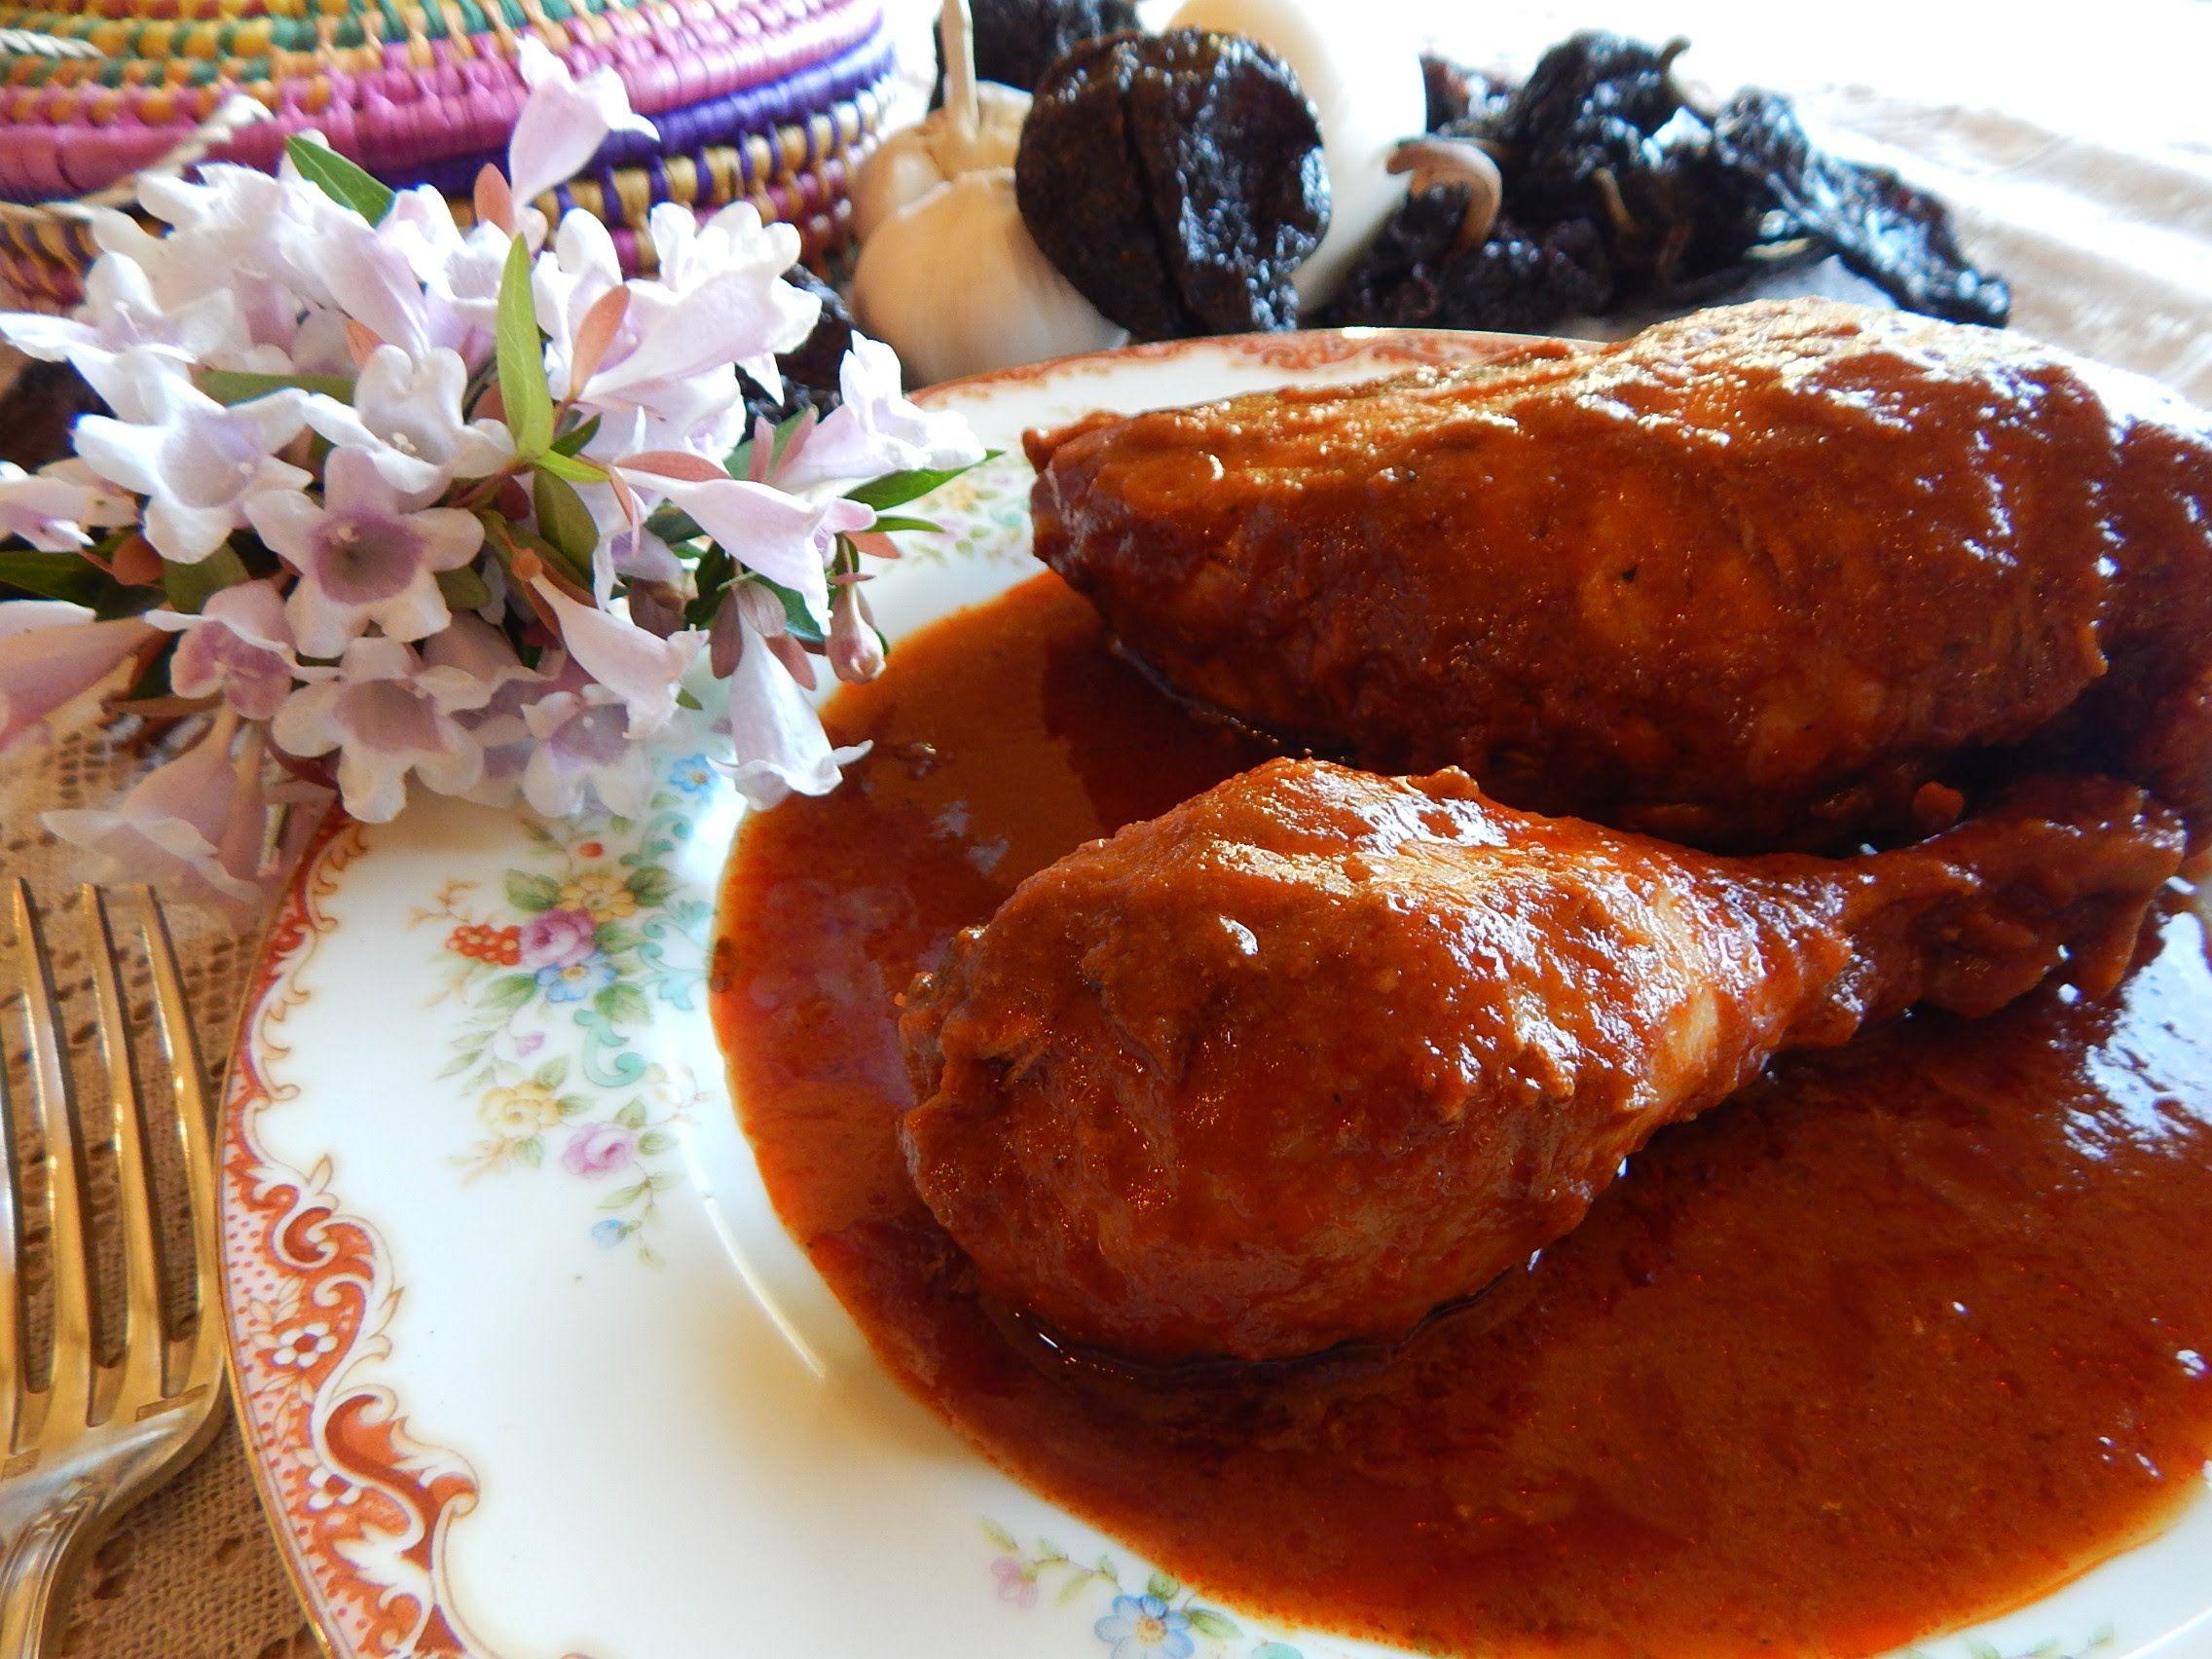 receta completa y tcnicas pasoapaso para preparar pollo enchilado un platillo clsico de jauja cocina